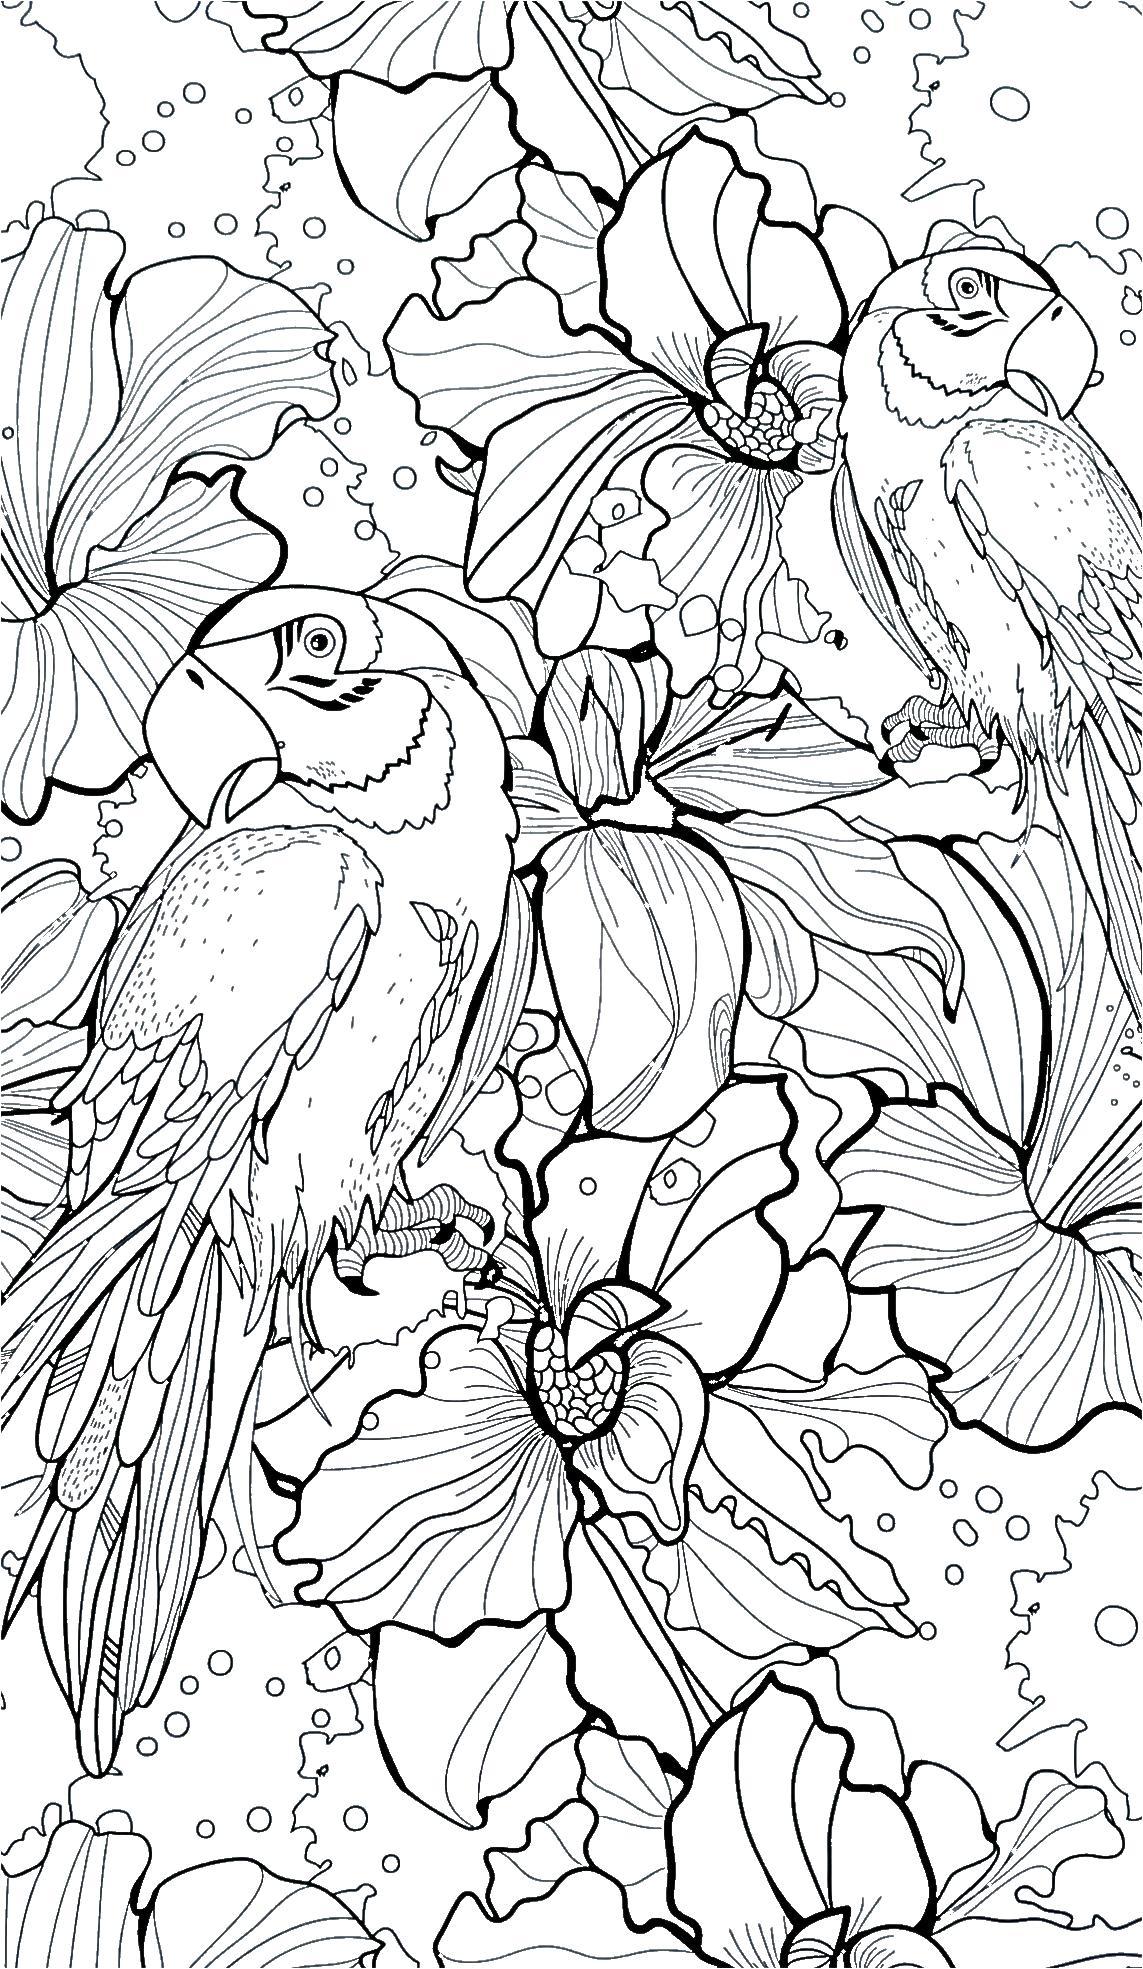 Лилии и попугаи Раскраски для взрослых антистресс